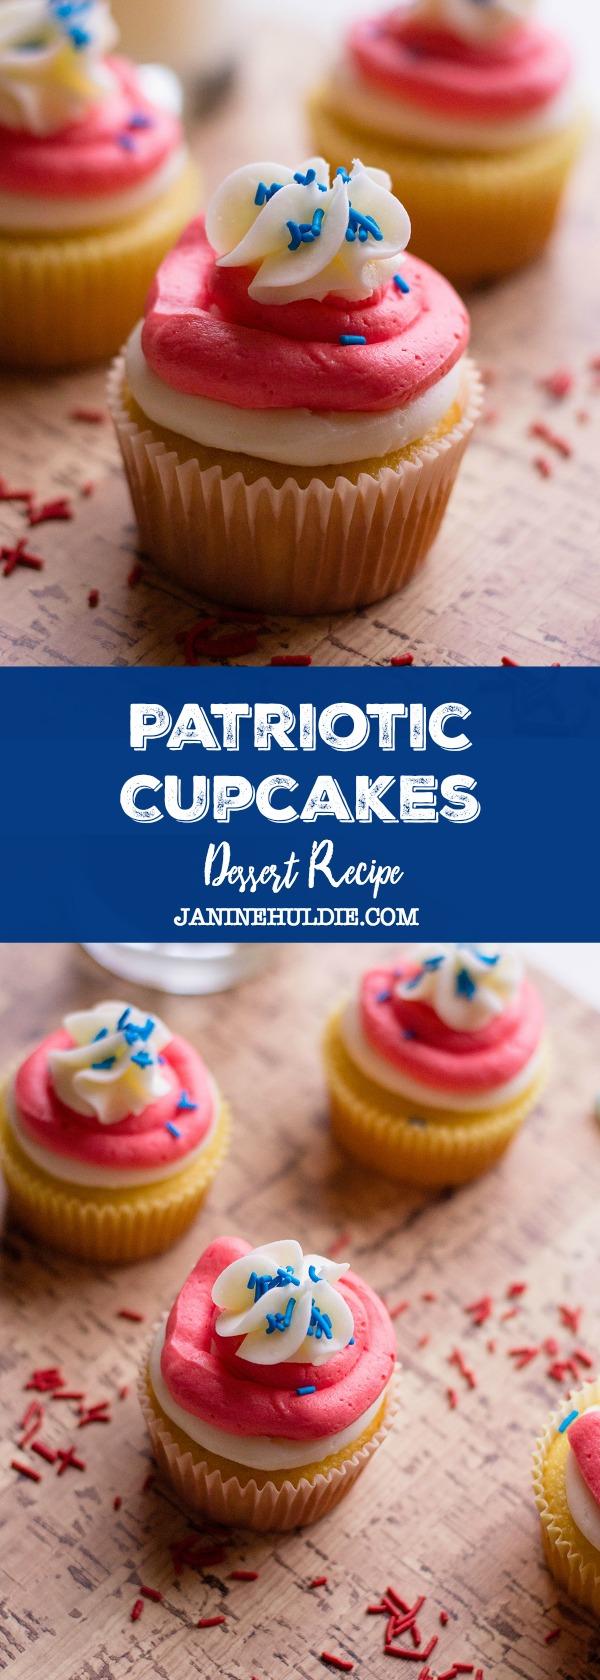 Patriotic Cupcakes Dessert Recipe